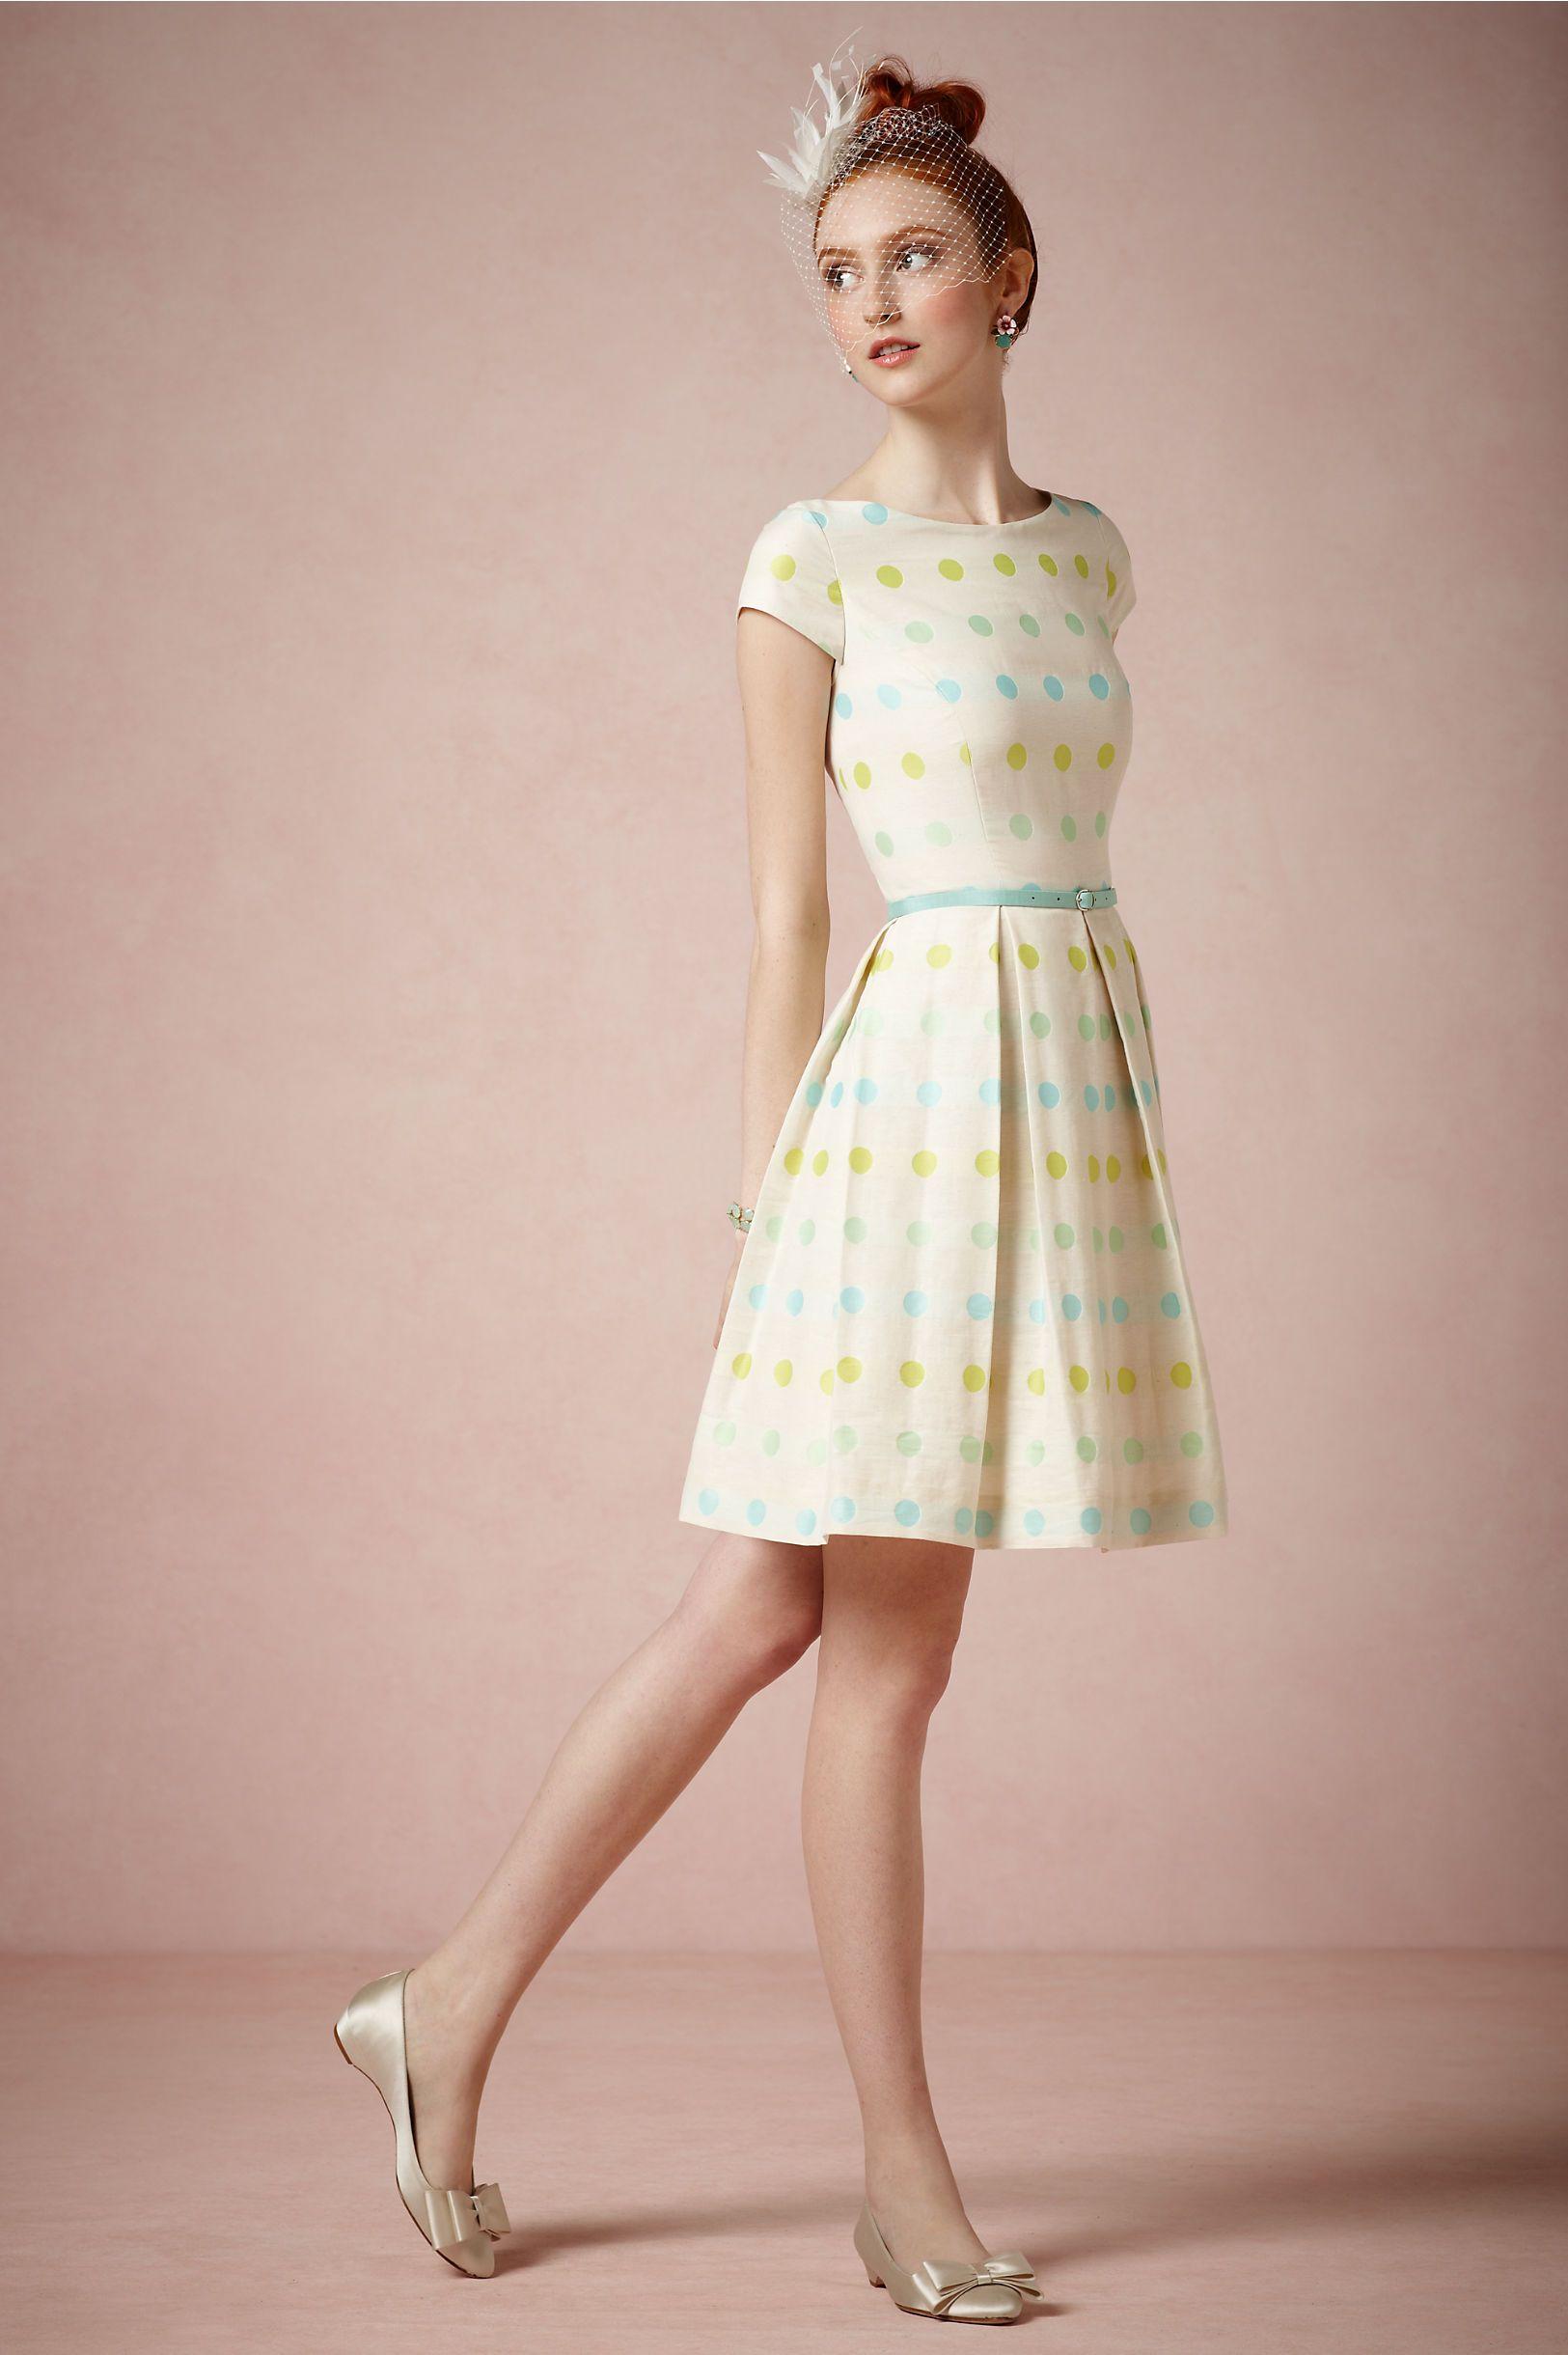 Vestido lunares | Vestidos | Pinterest | Lunares, Vestiditos y Moda ...